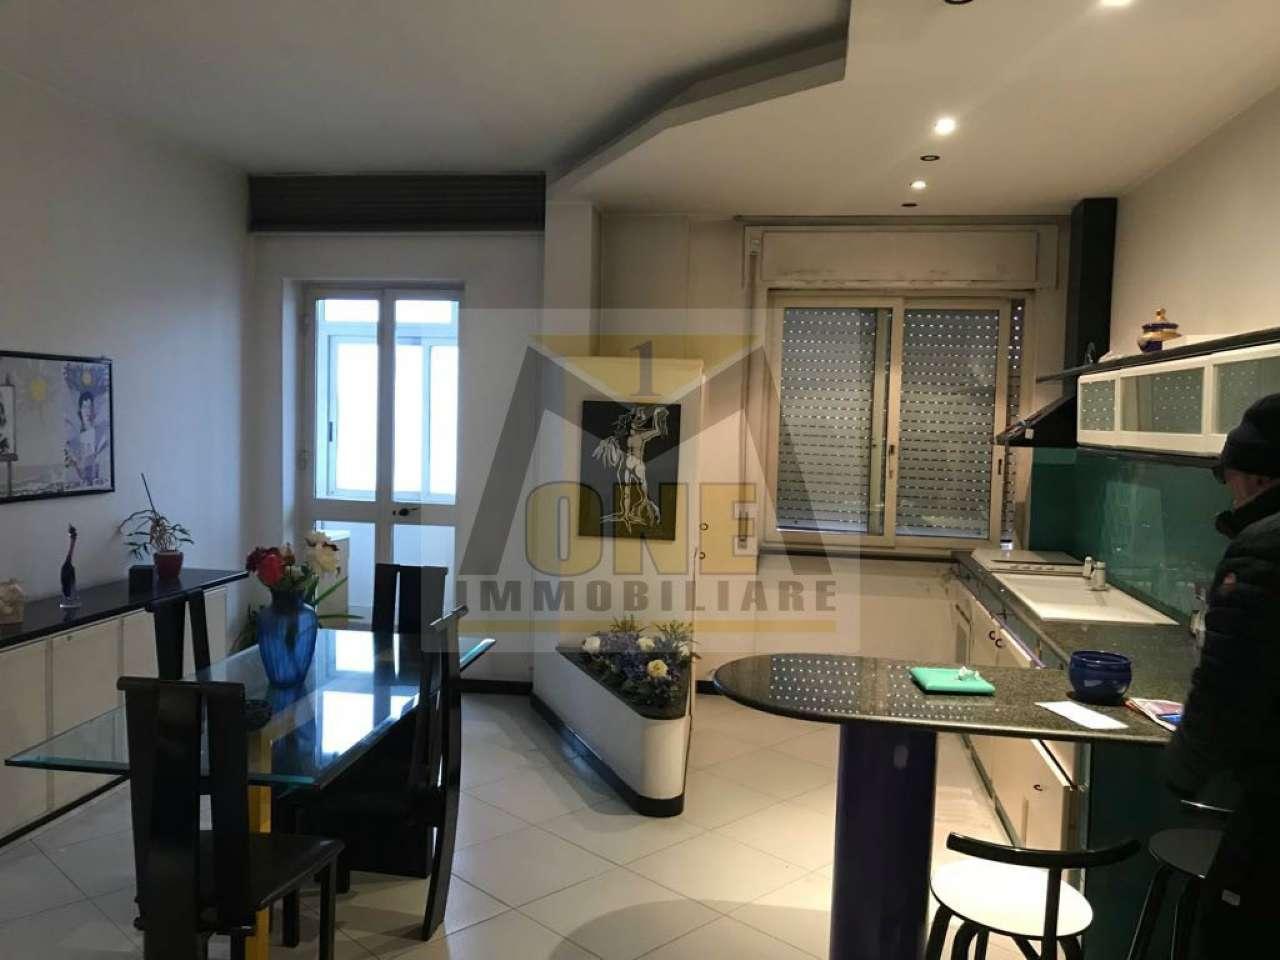 Appartamento in vendita a Giugliano in Campania, 3 locali, prezzo € 95.000   CambioCasa.it